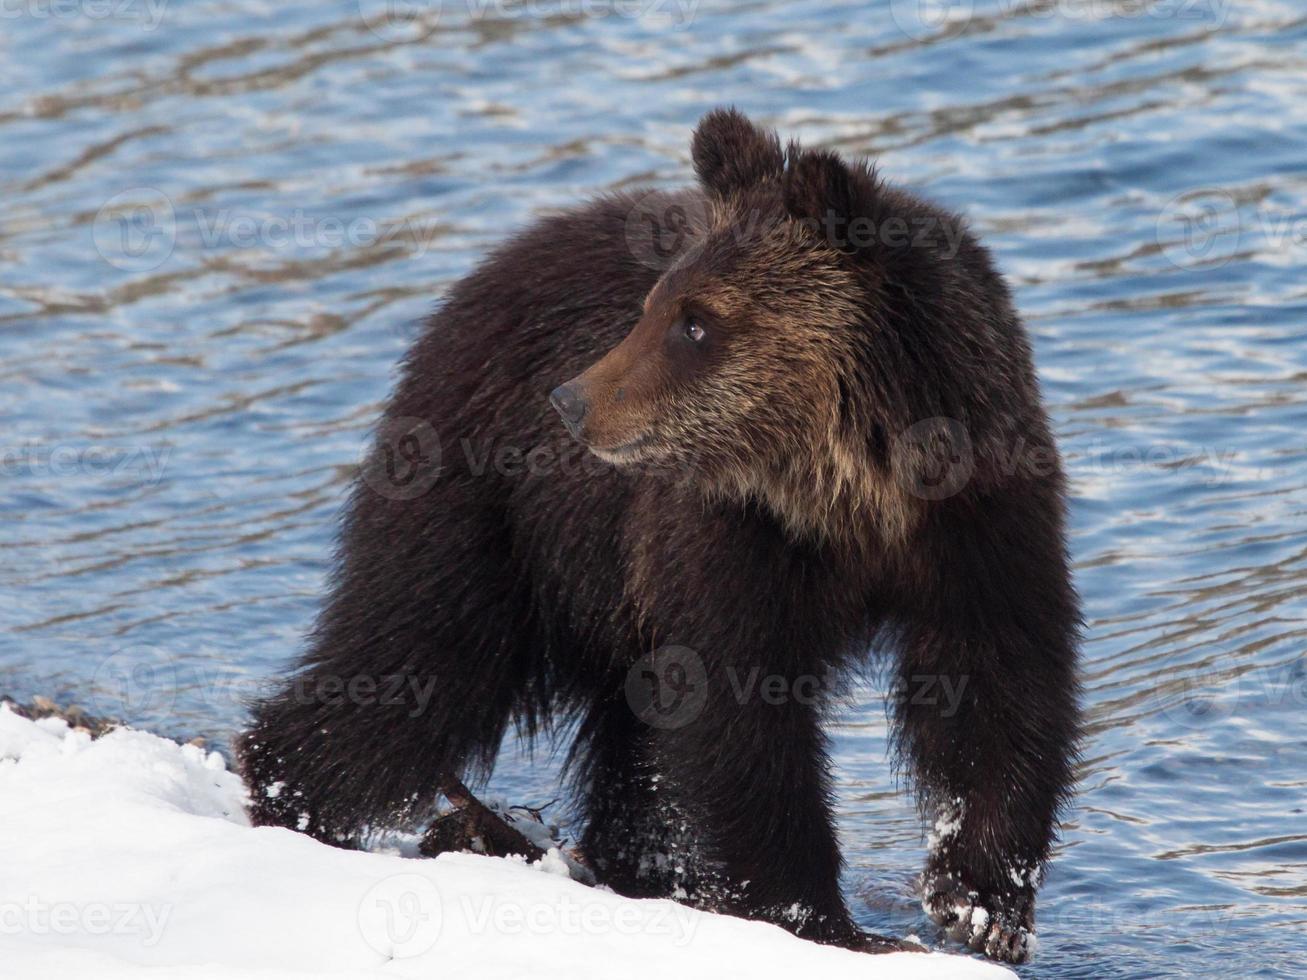 Baby-Grizzlybärenjunges im Schnee am Strand foto